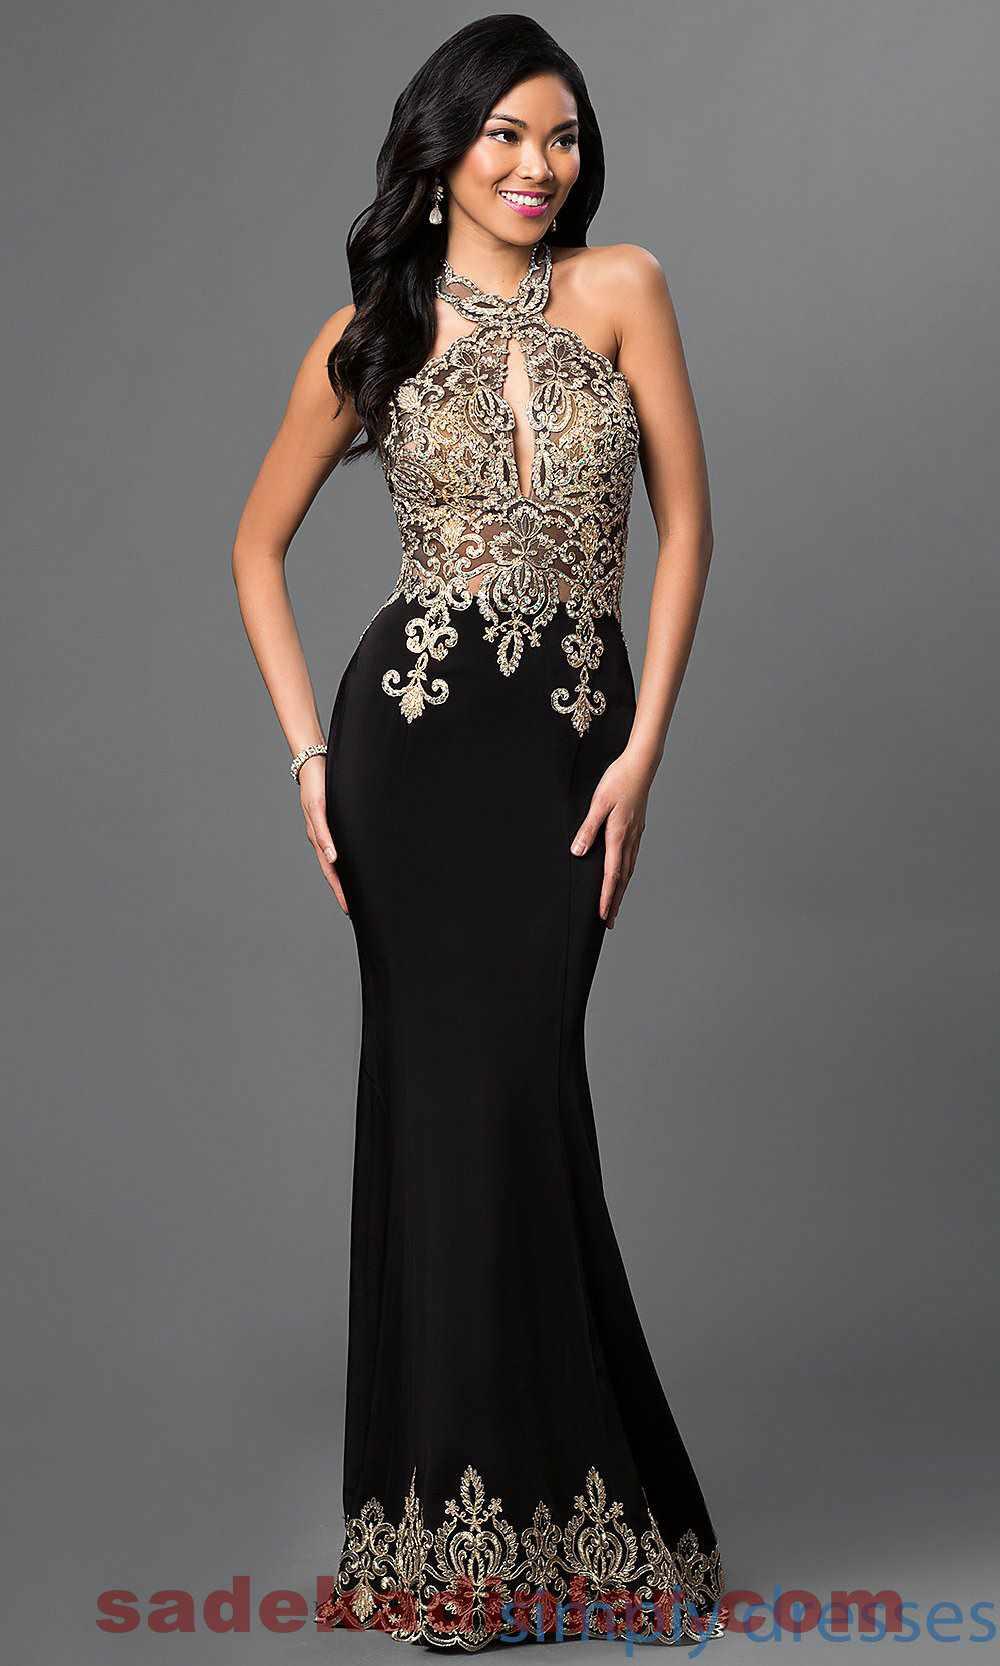 f61aff4b86bed 2019 Abiye Modelleri Son Moda Gece Elbiseleri | SadeKadınlar ...